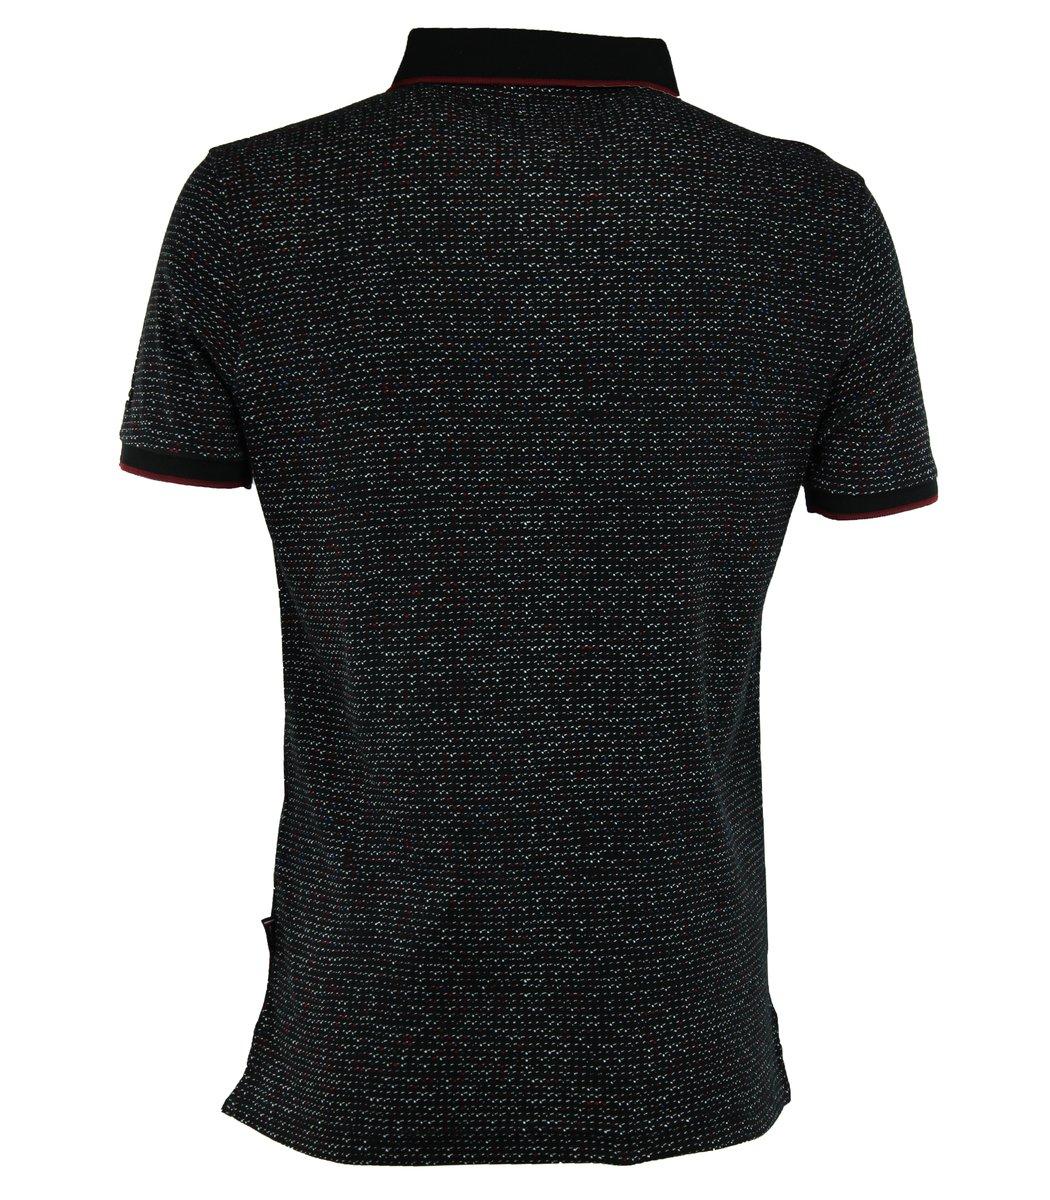 Чёрная футболка поло Tommy Hilfiger TH5